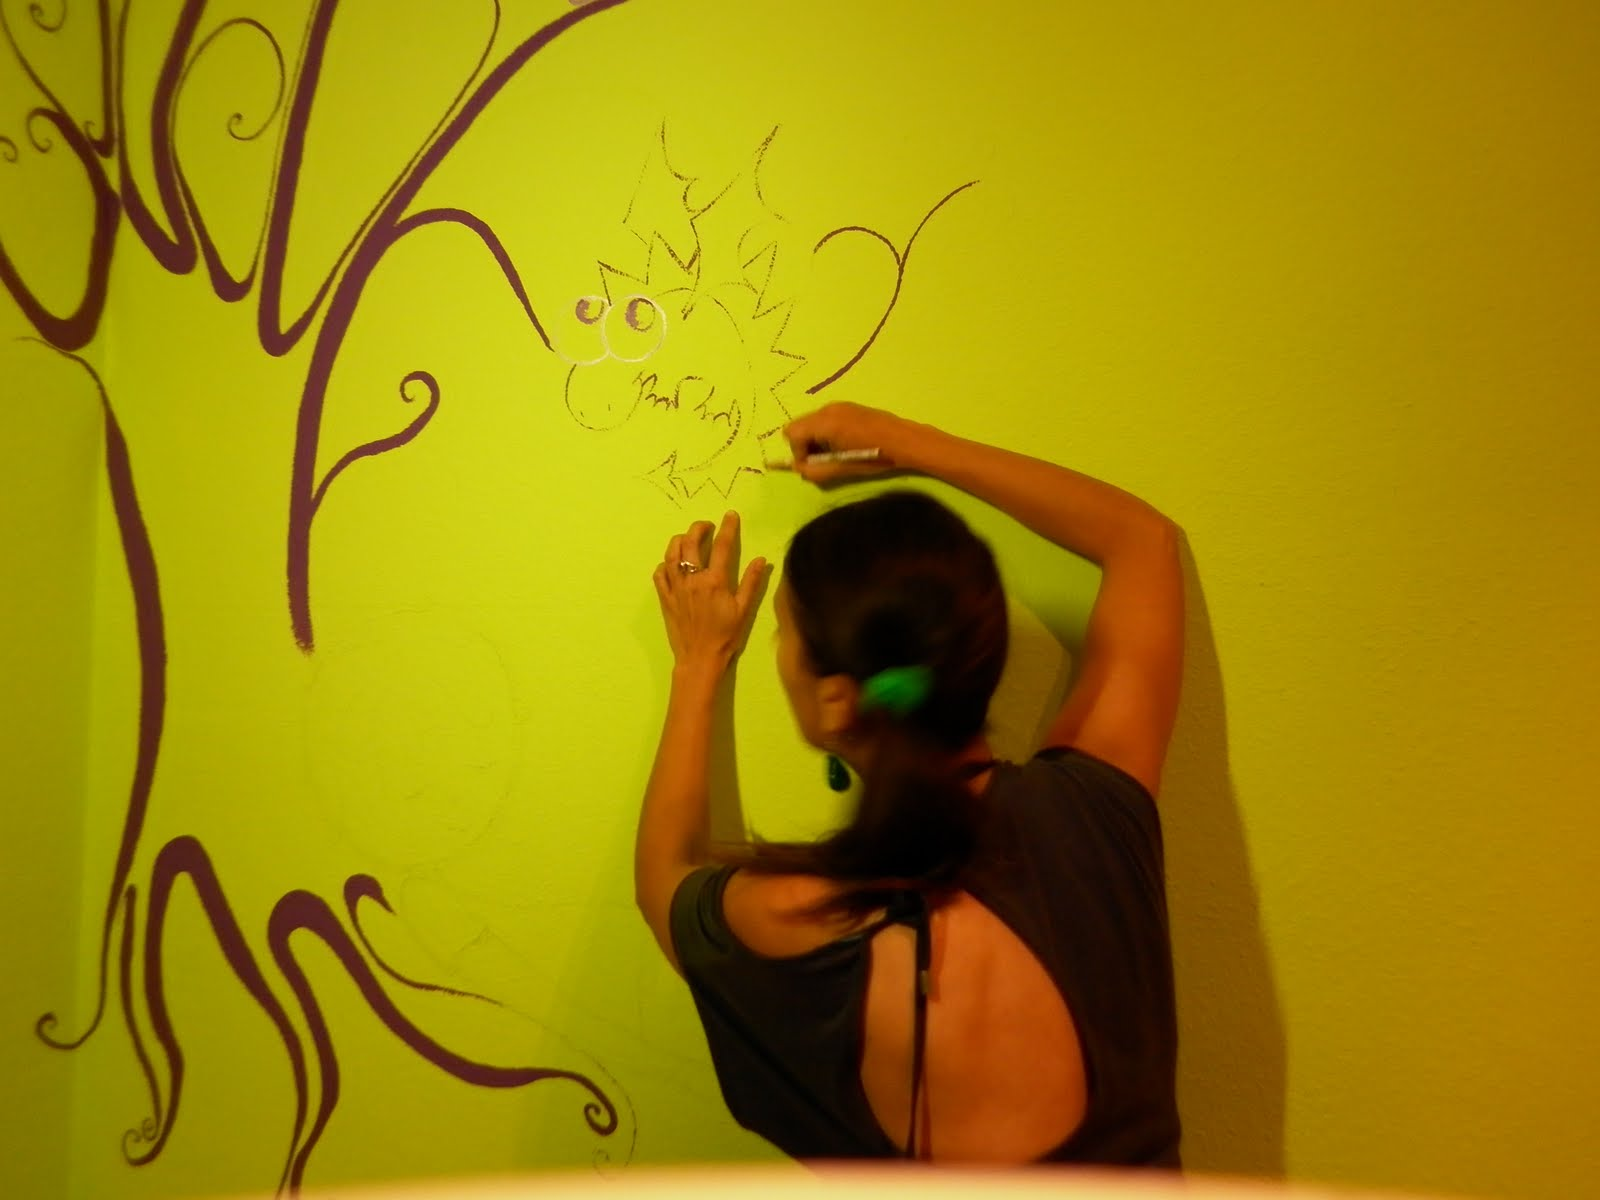 Susoleto cosas de casa pintar en la pared dibujos dibujo - Dibujos para pintar paredes ...